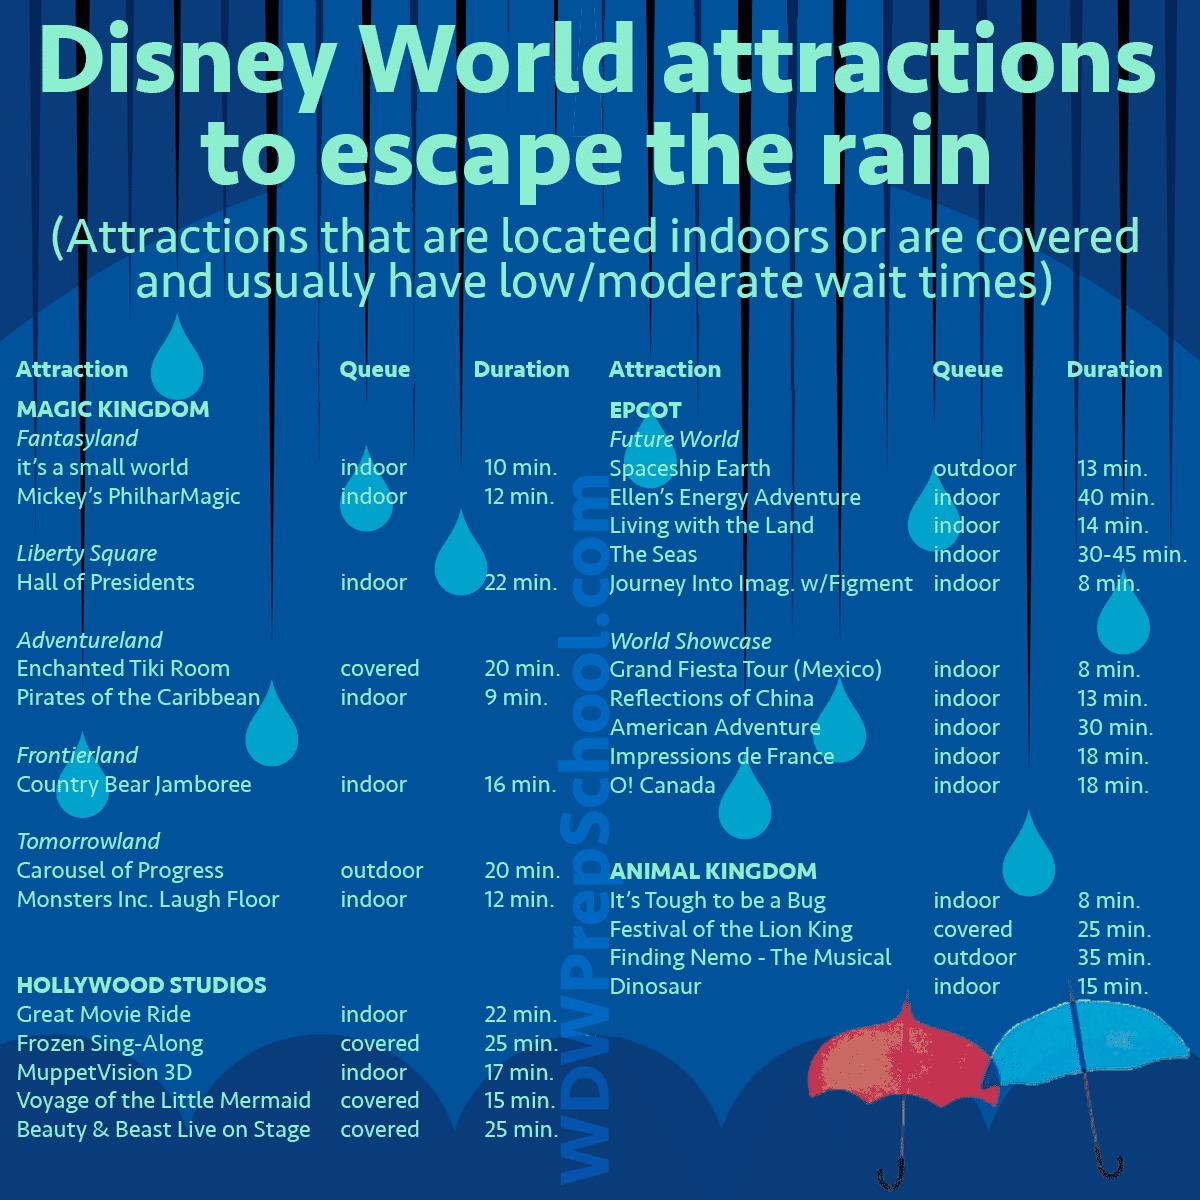 escaperainsquare 1 - Disney World superlatives - PREP135